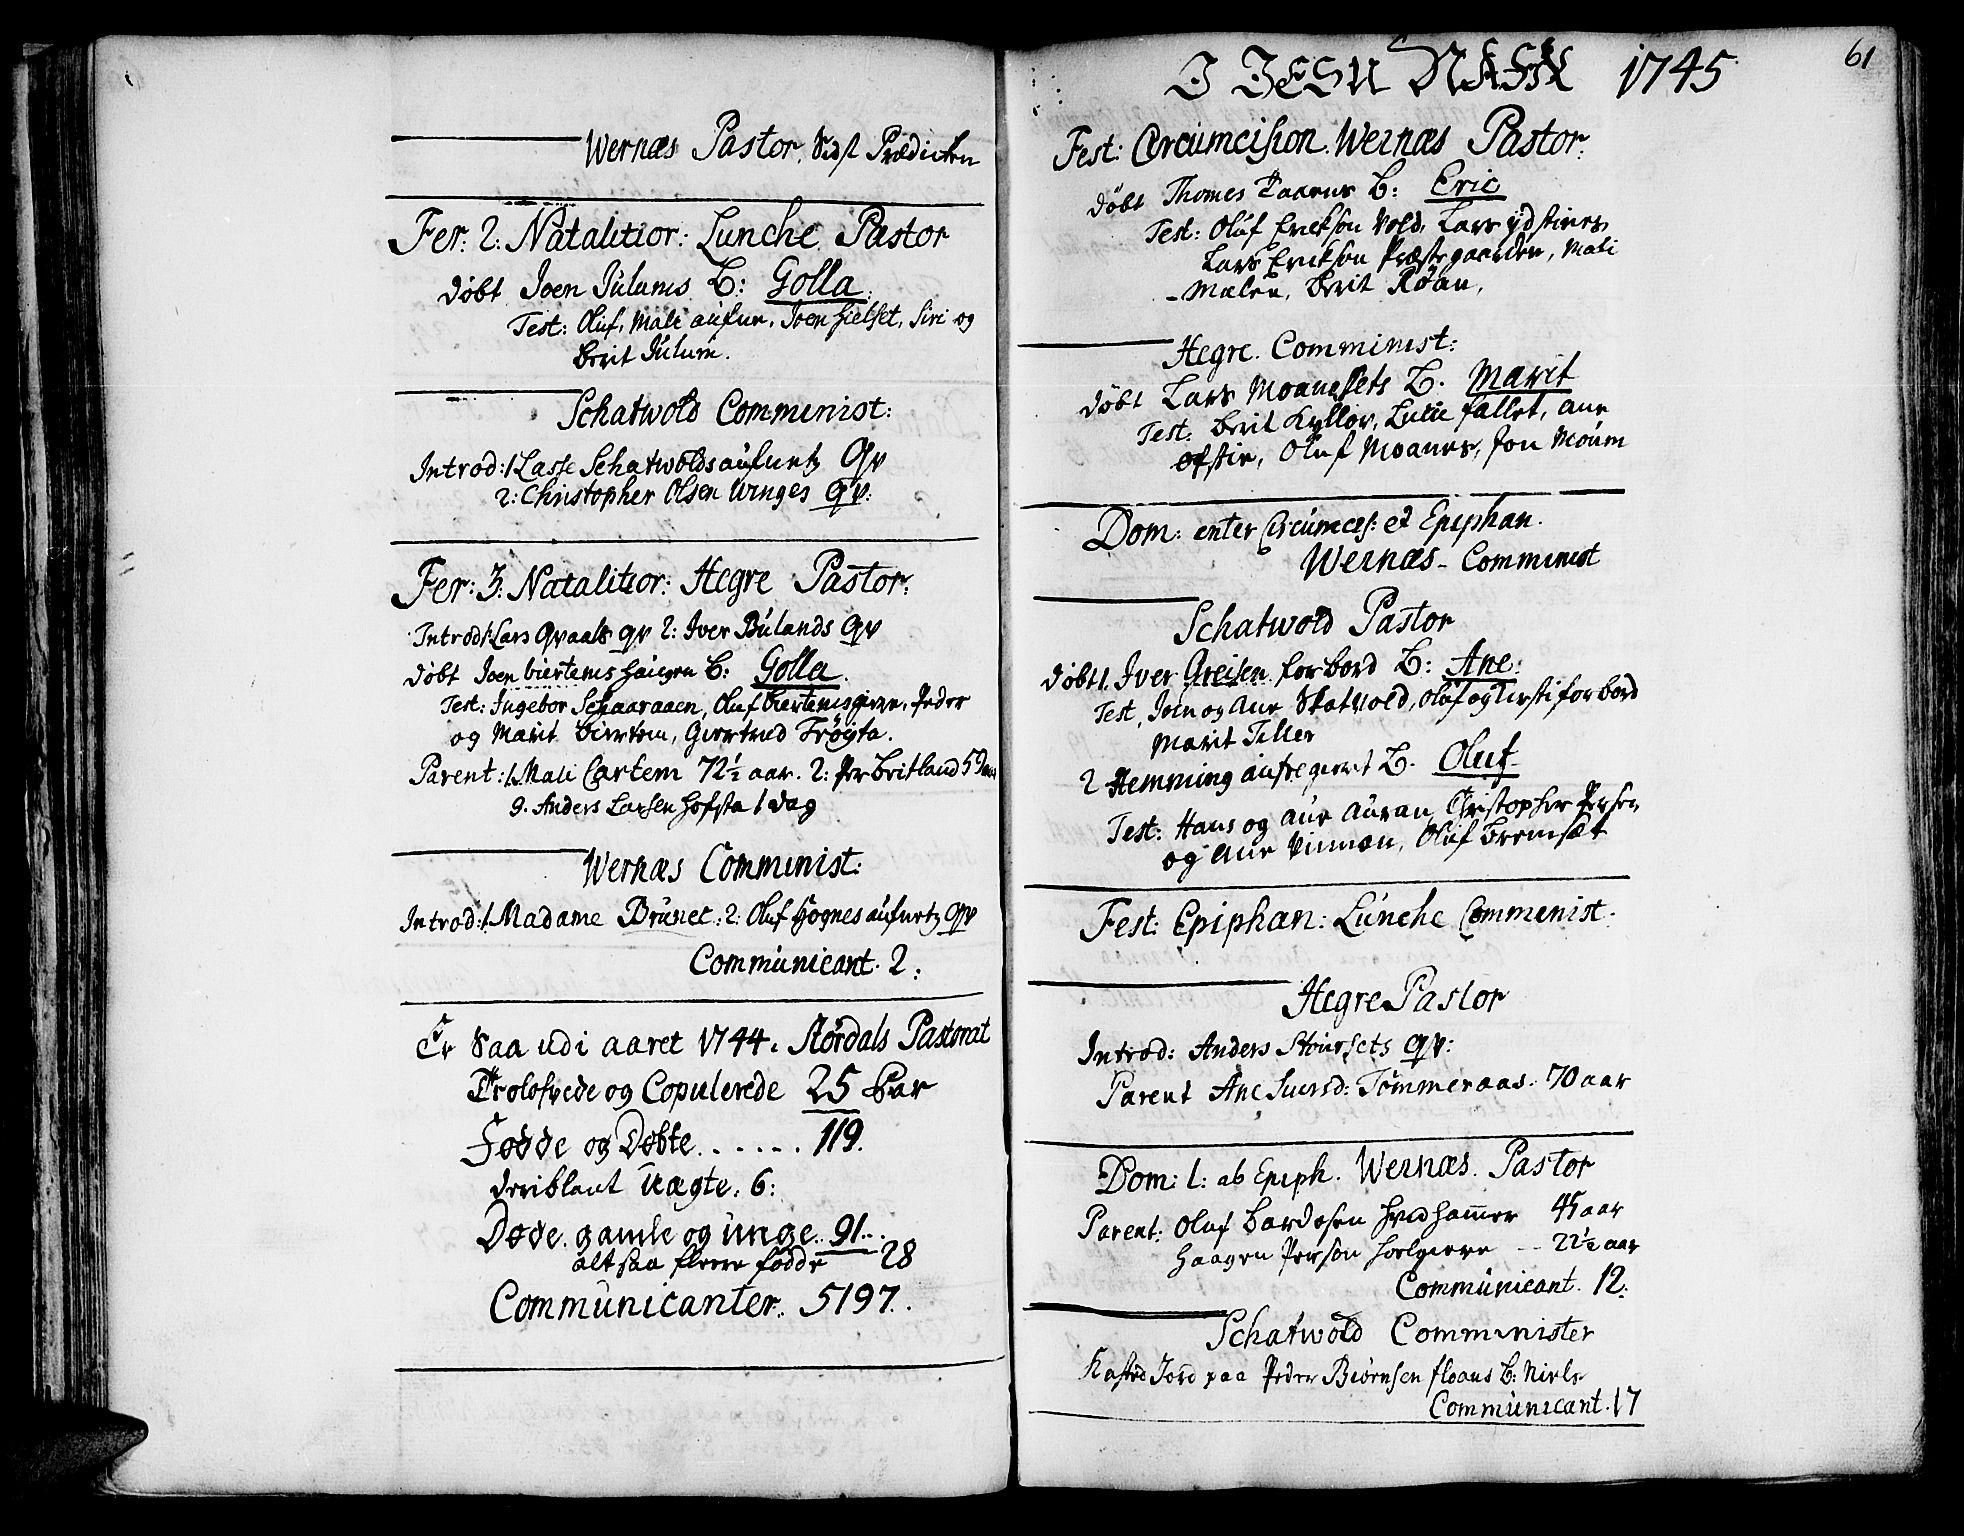 SAT, Ministerialprotokoller, klokkerbøker og fødselsregistre - Nord-Trøndelag, 709/L0056: Ministerialbok nr. 709A04, 1740-1756, s. 61